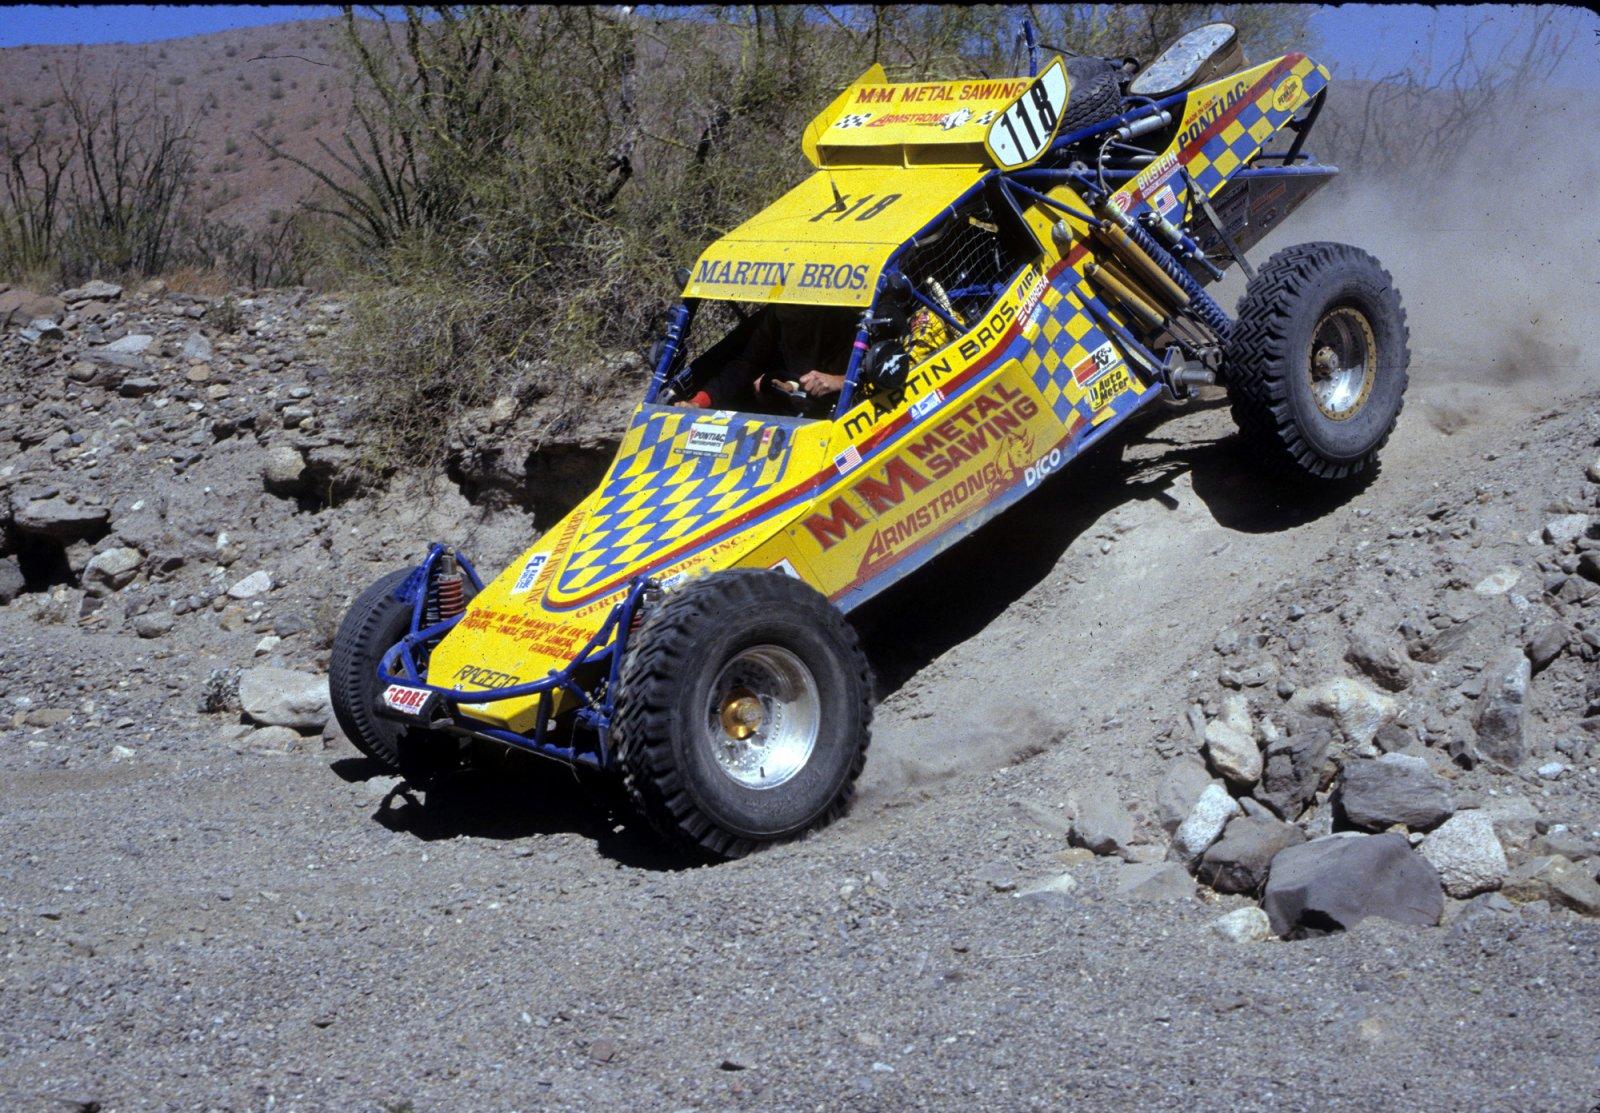 1991.Baja 250.Martin Bros.118.21x.jpg